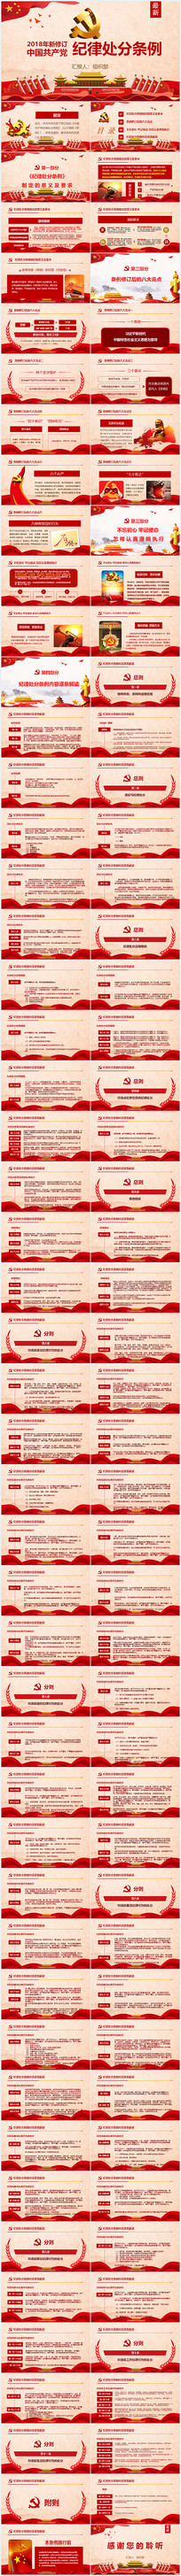 新修订共产党处分条例PPT